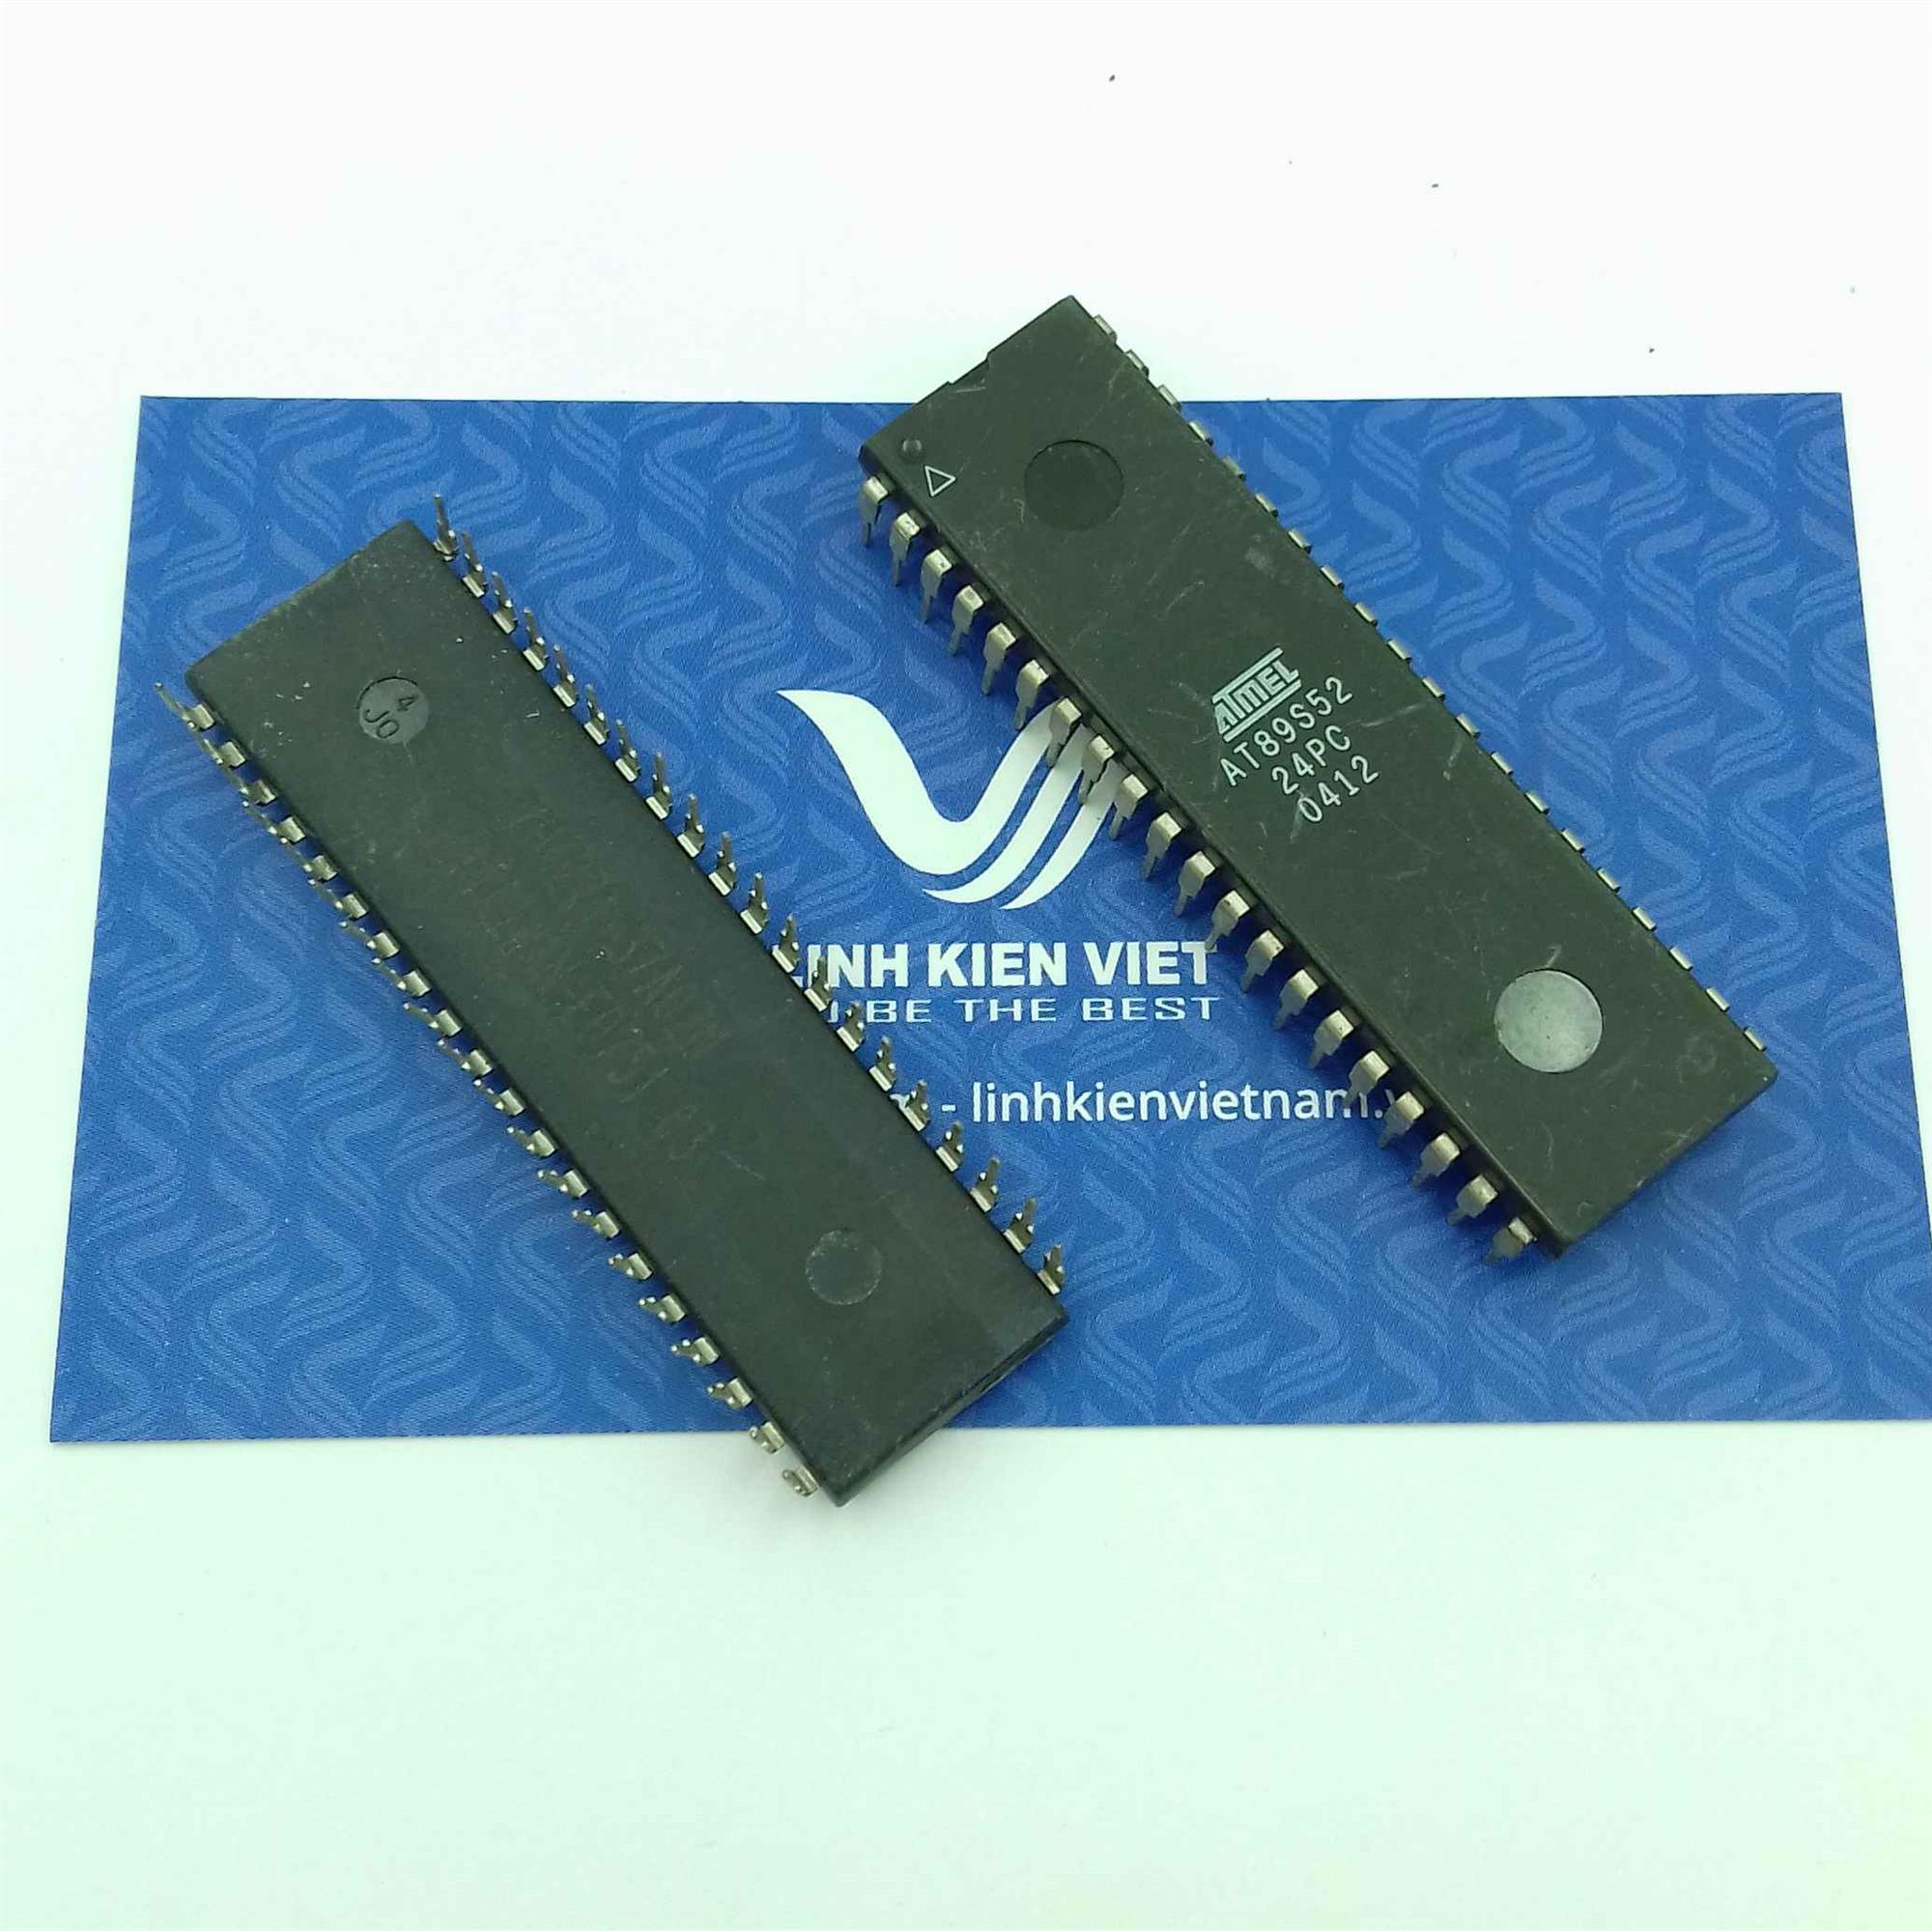 VI ĐIỀU KHIỂN MCU AT89S52 - DIP40 - F1H1